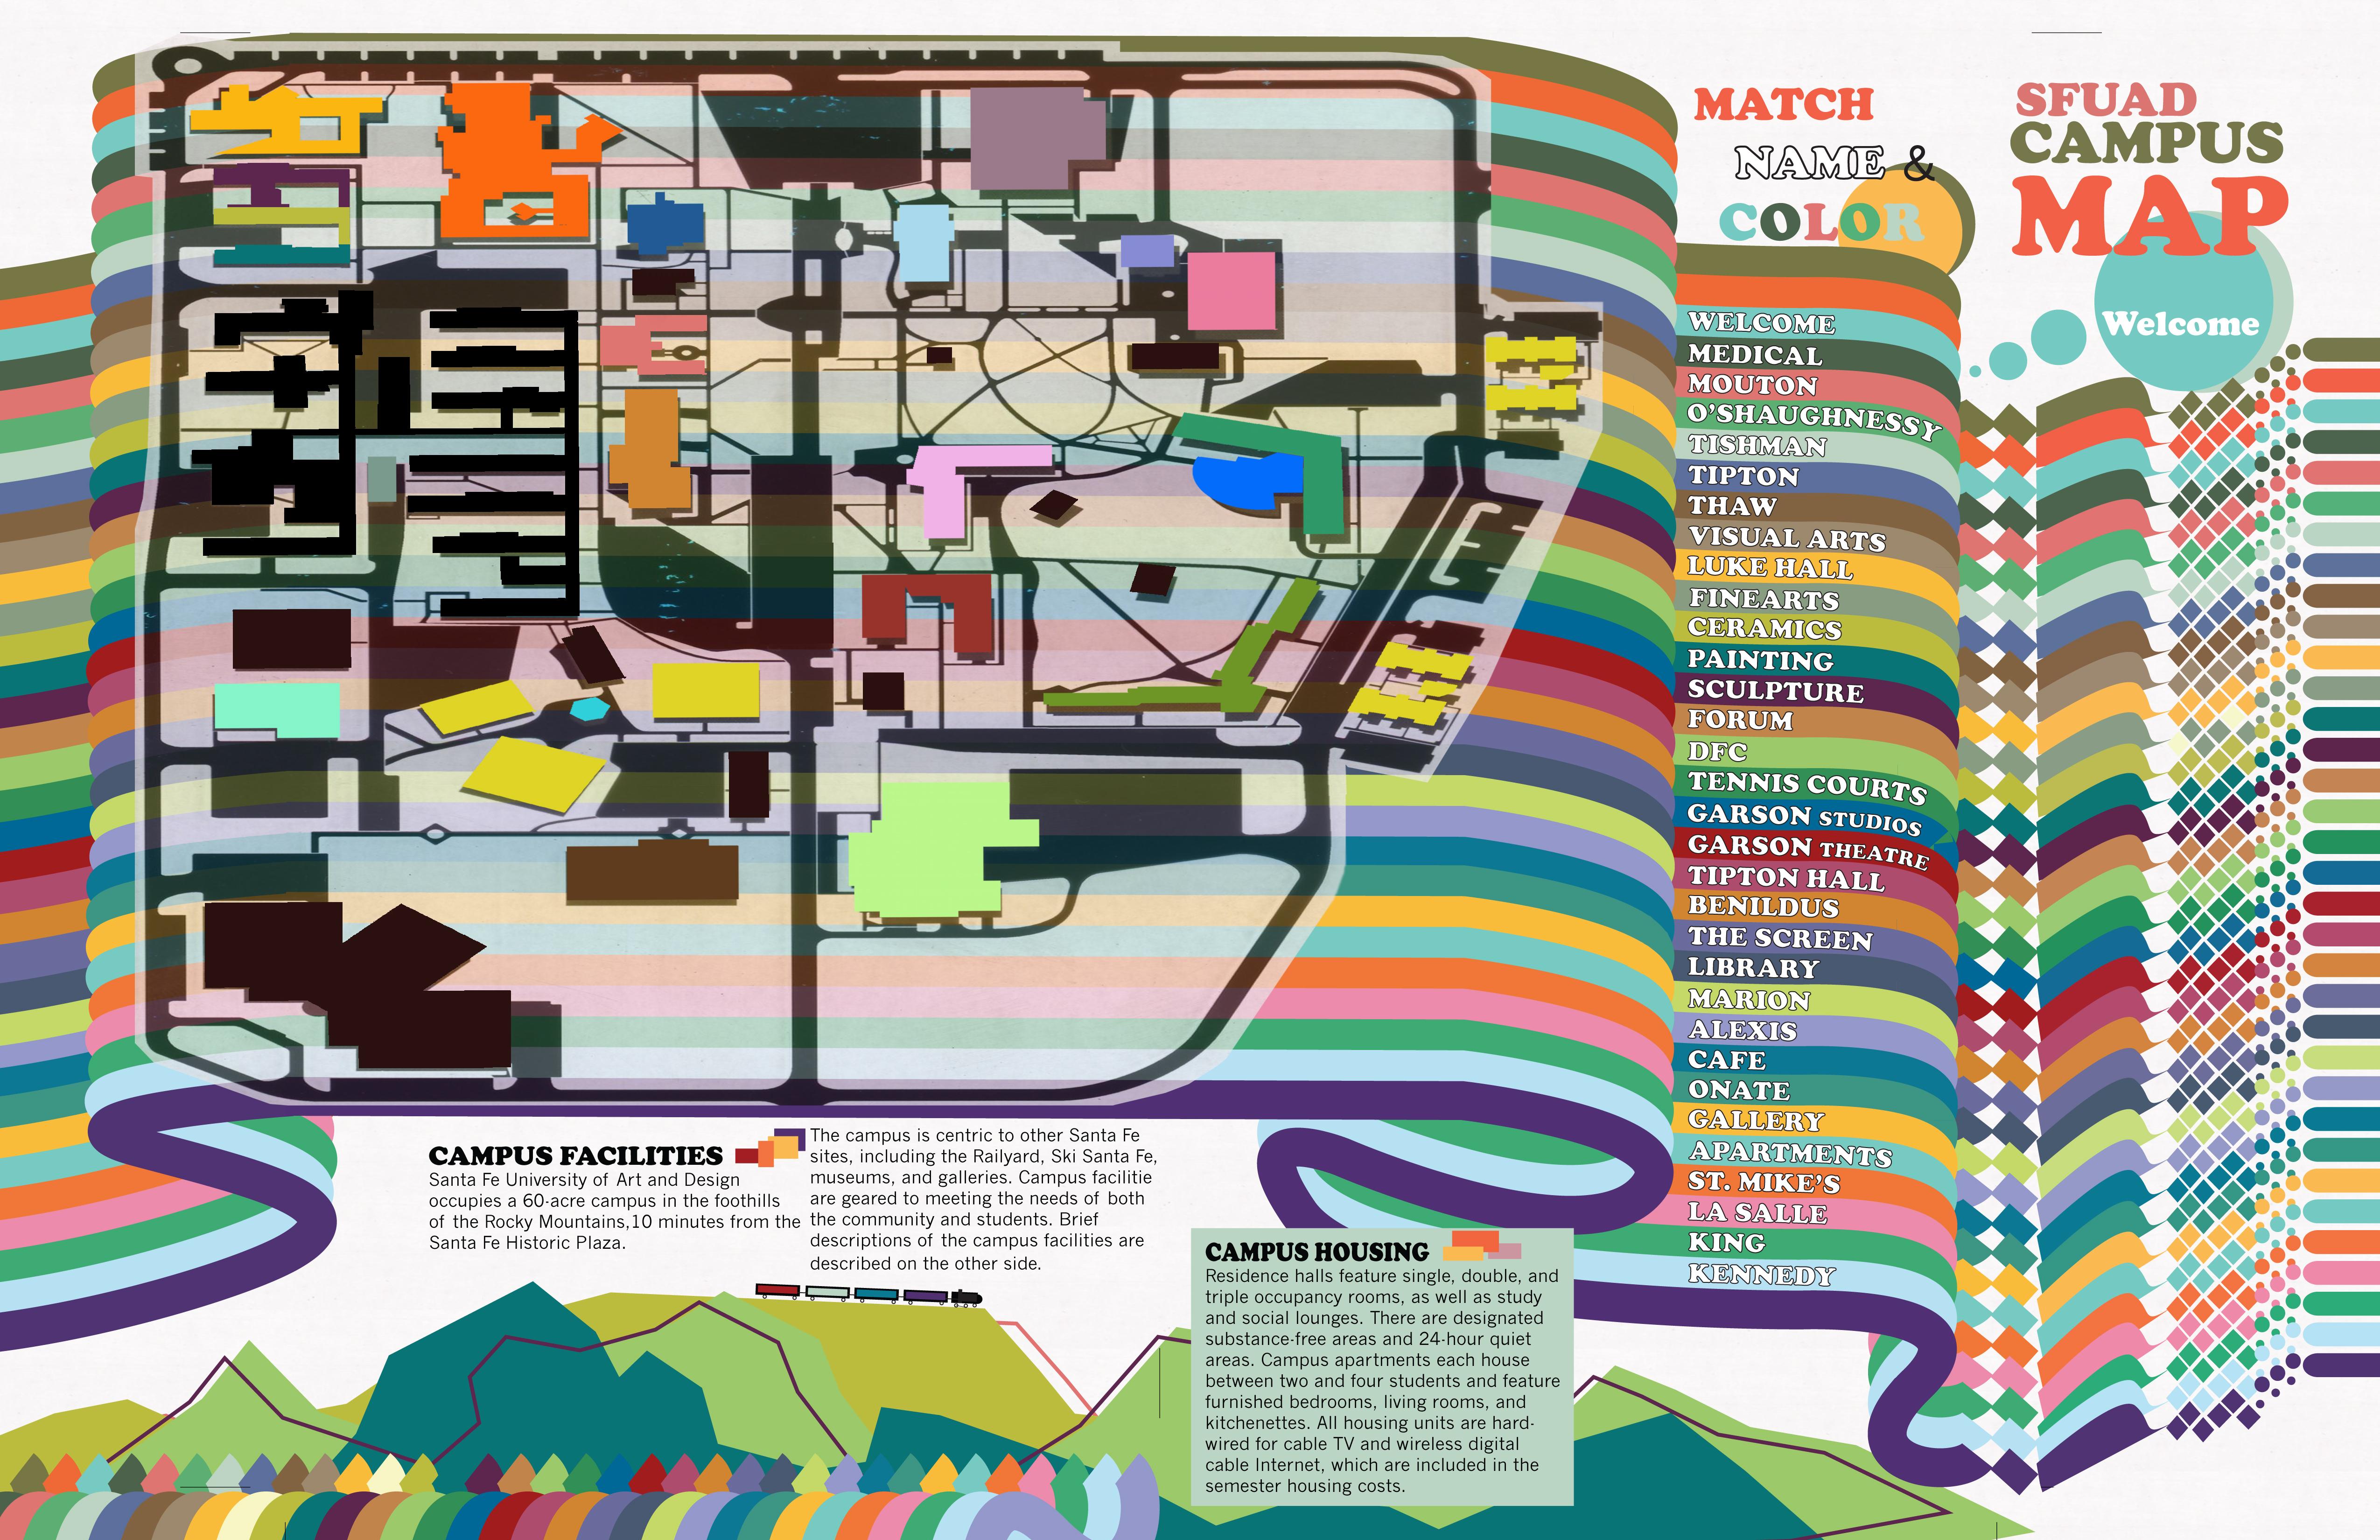 Confusing Campus Map